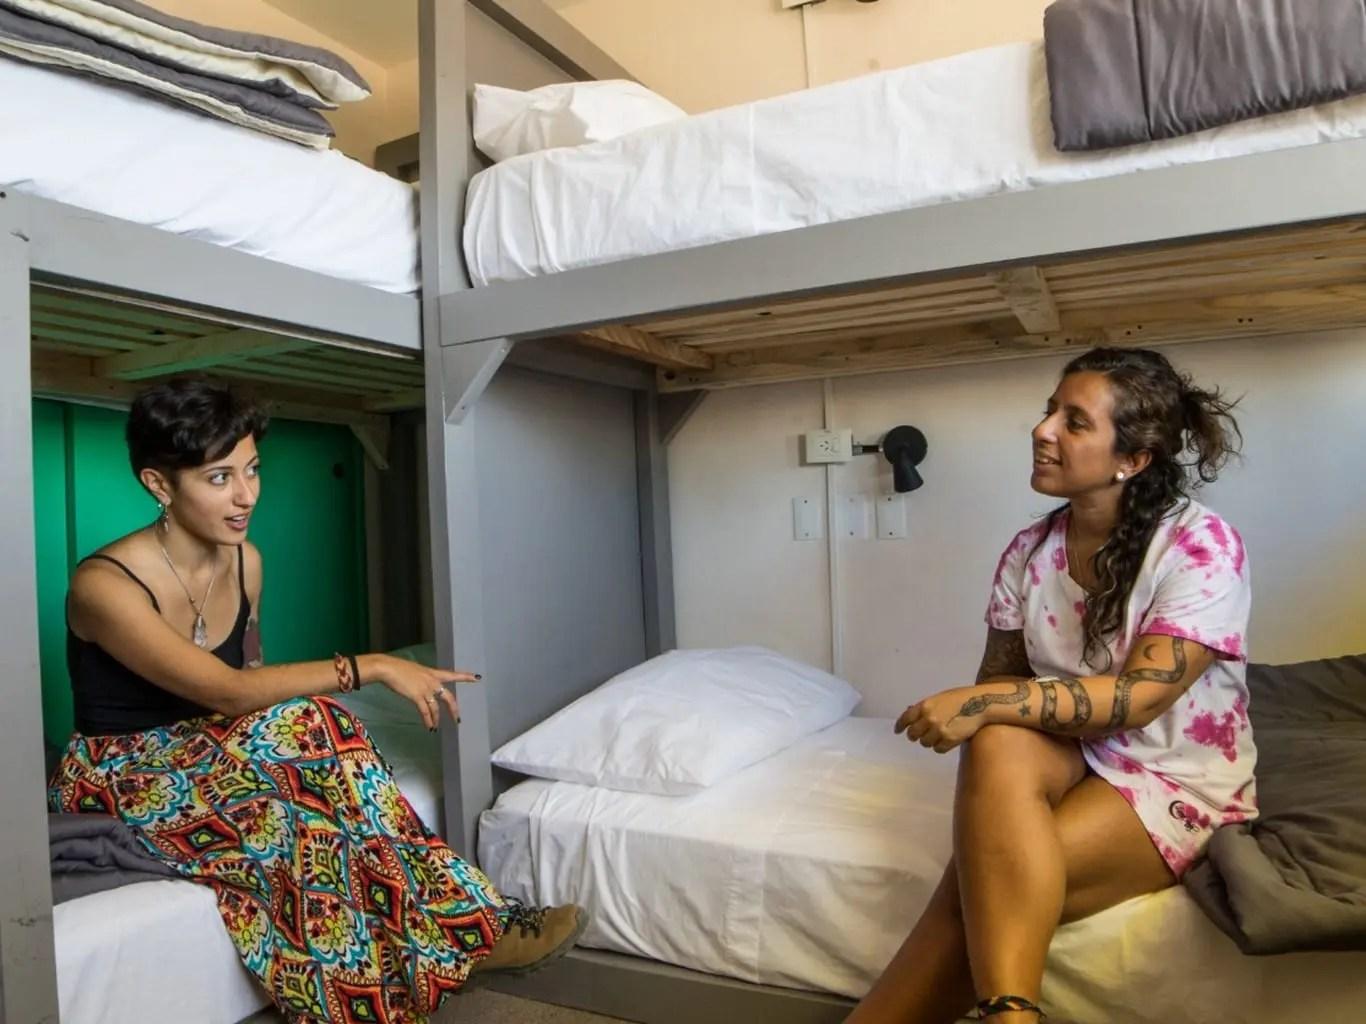 Experiencias compartidas en el Hostel Hormiga Negra - Bariloche